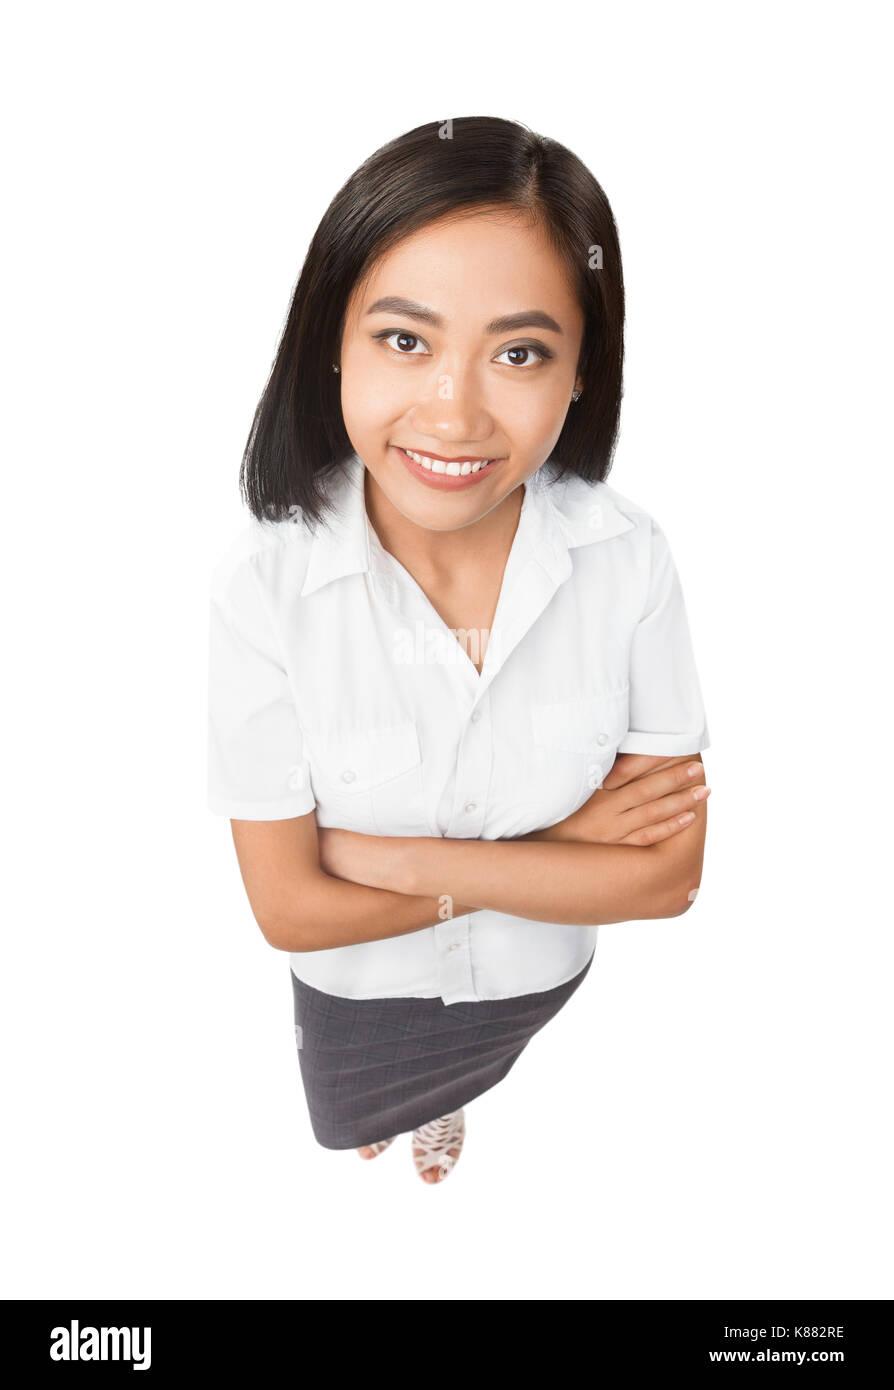 Top View portrait of smiling Asian Woman. En pleine longueur modèle isolé sur fond blanc. Belle fille avec ouvrir sourire brillant, face close-up. Bus Banque D'Images